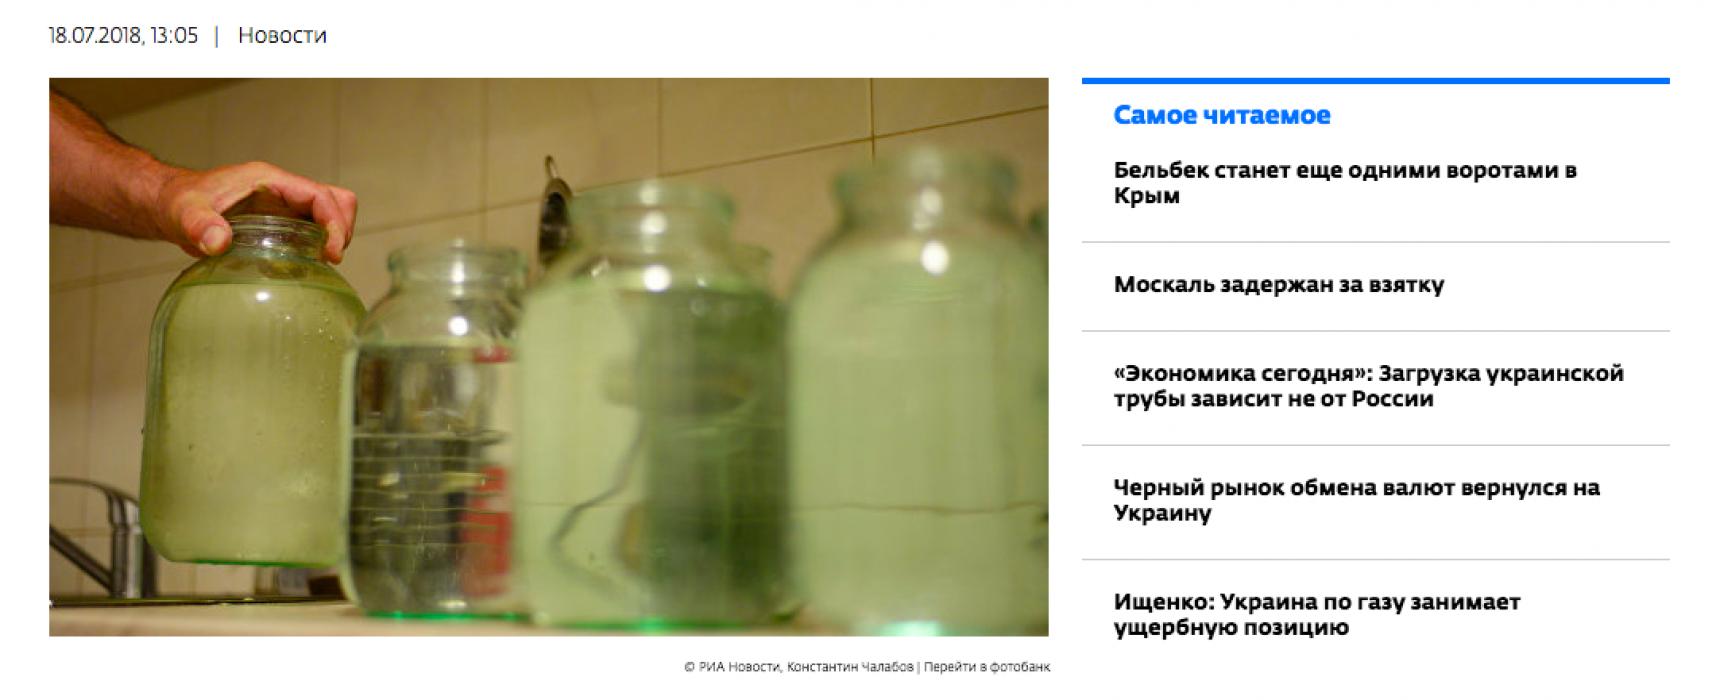 Фейк: Мариуполь и Краматорск через месяц останутся без воды